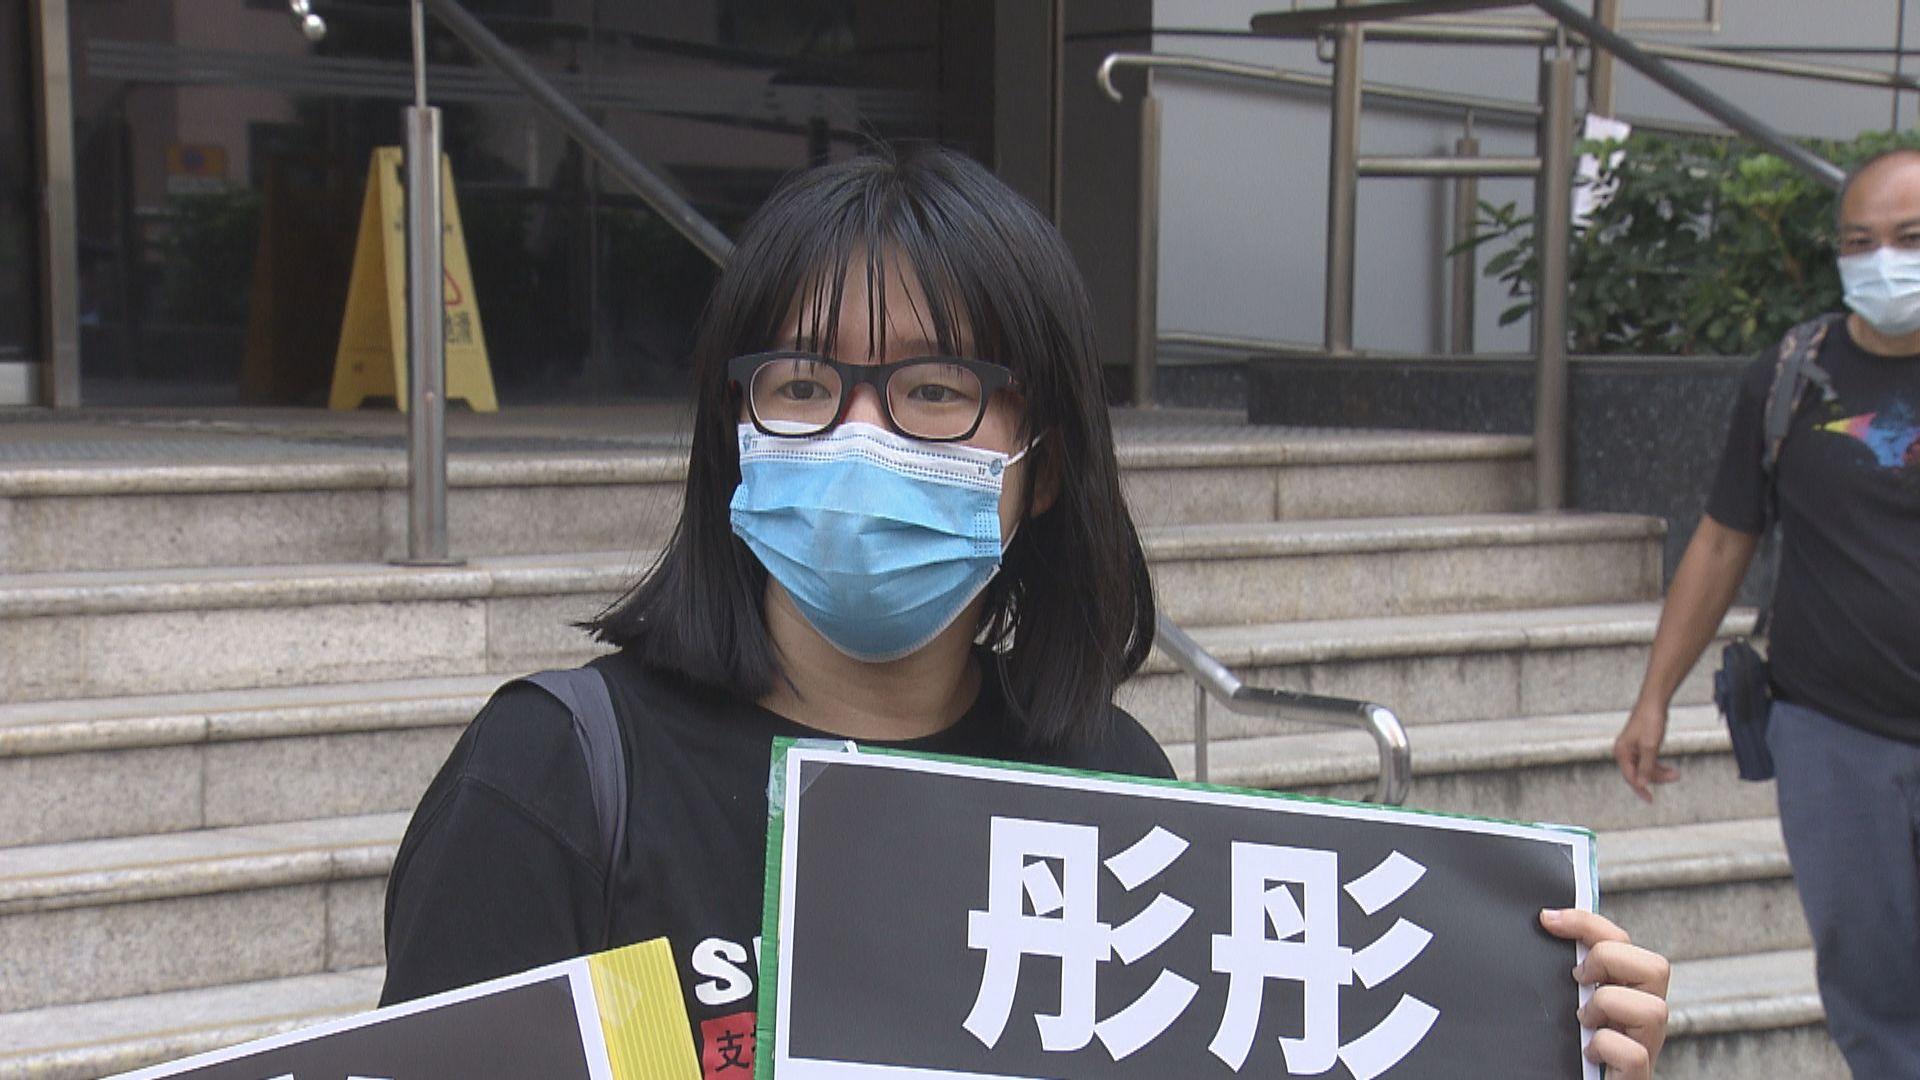 警方再度拘捕鄒幸彤 涉嫌宣傳被禁七一公眾活動